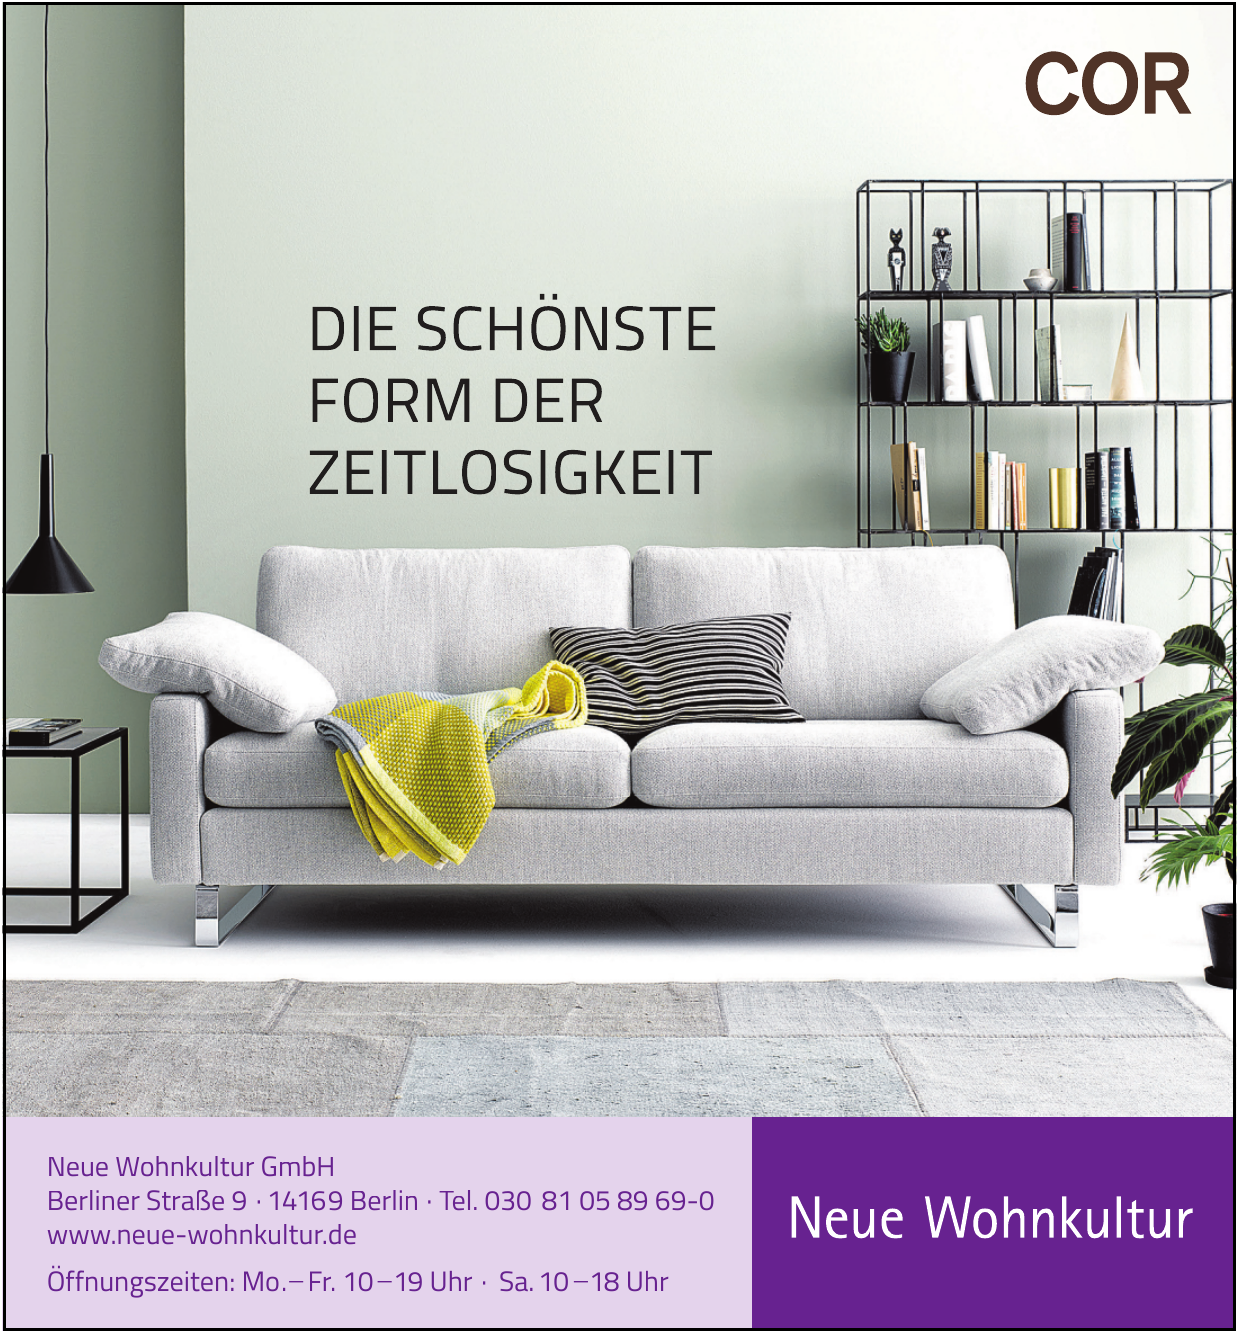 Neue Wohnkultur GmbH